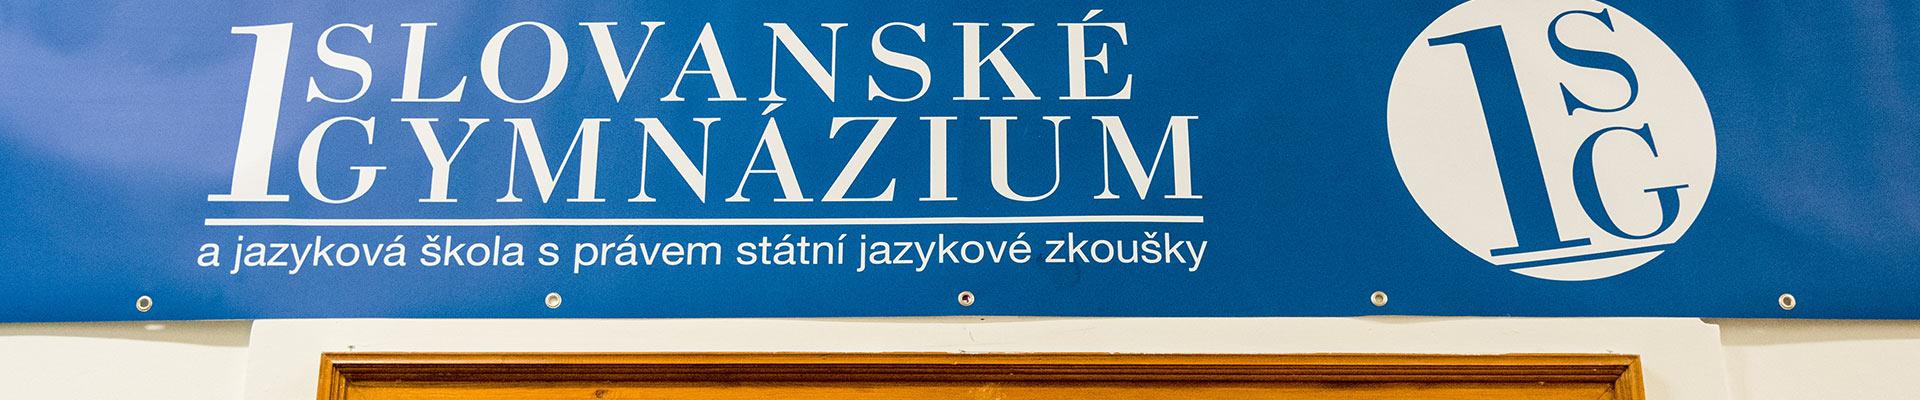 1. SLOVANSKÉ GYMNÁZIUM